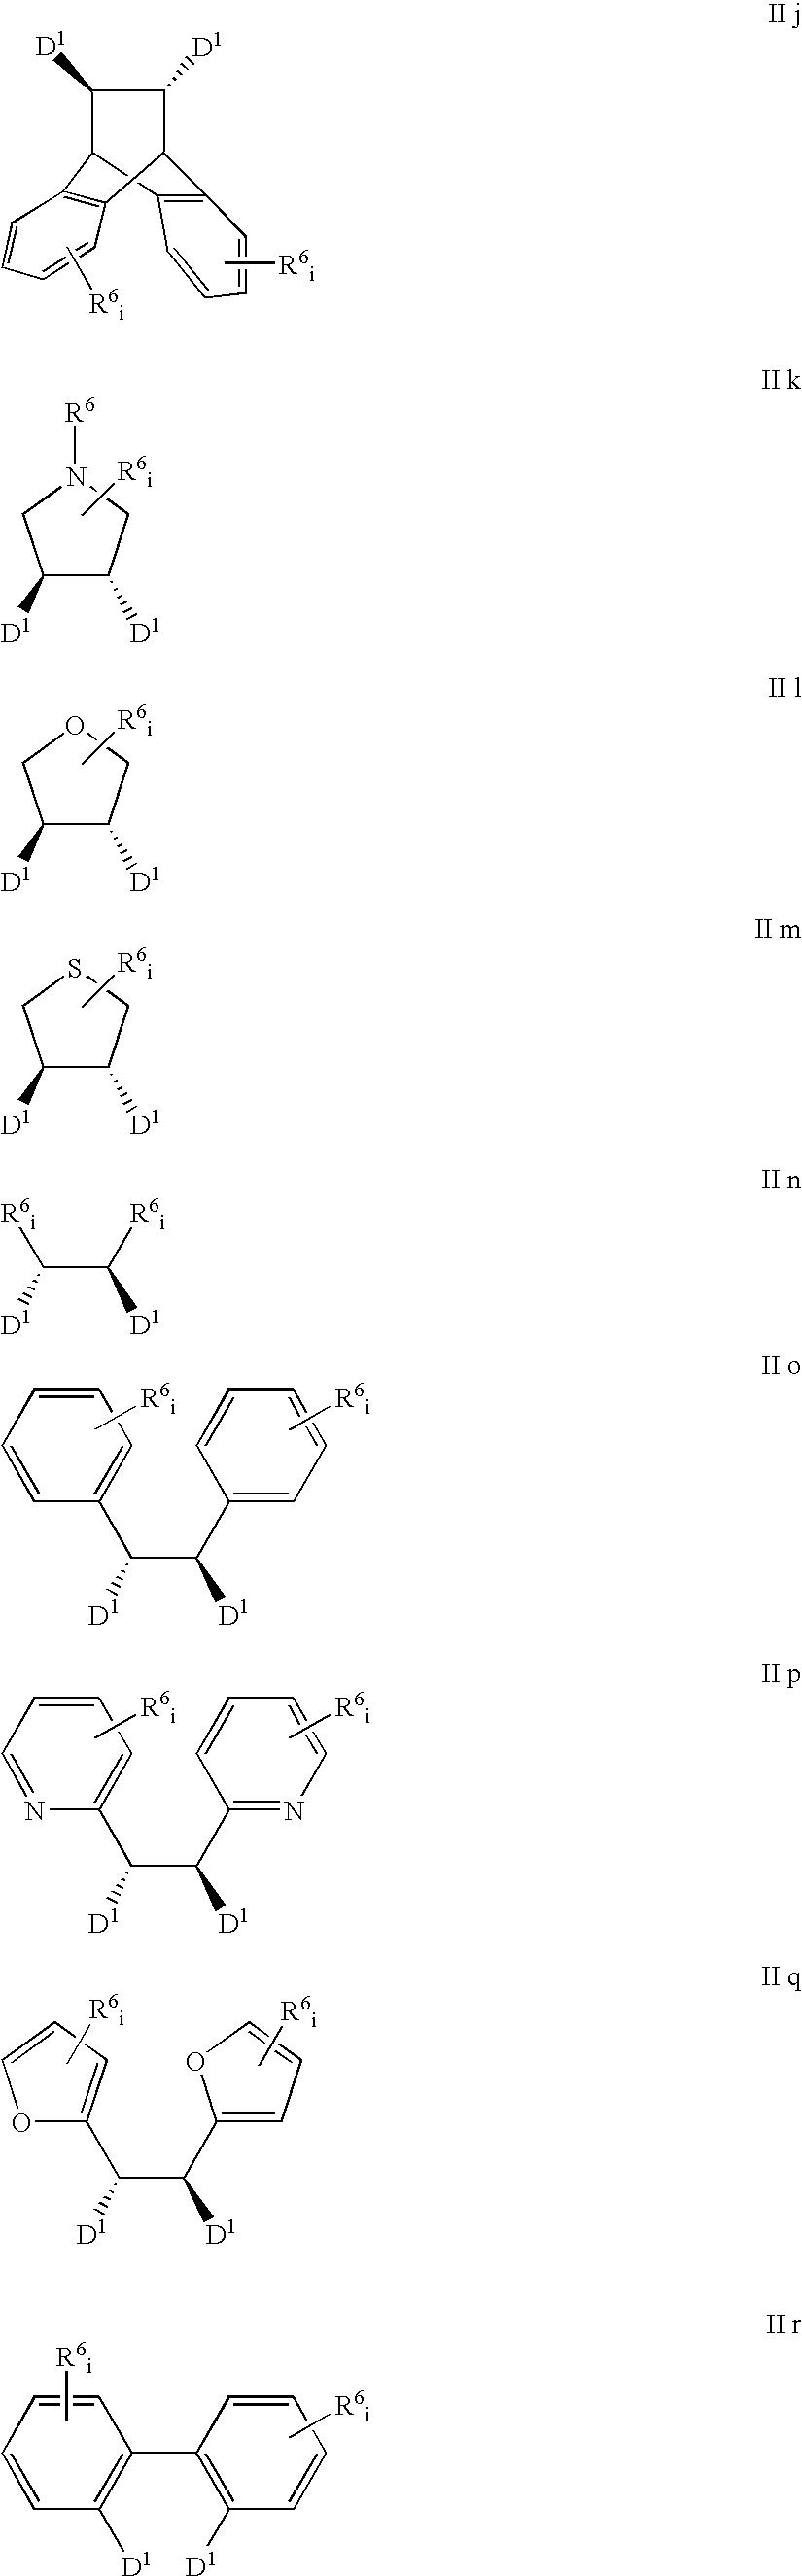 Figure US20060135352A1-20060622-C00003